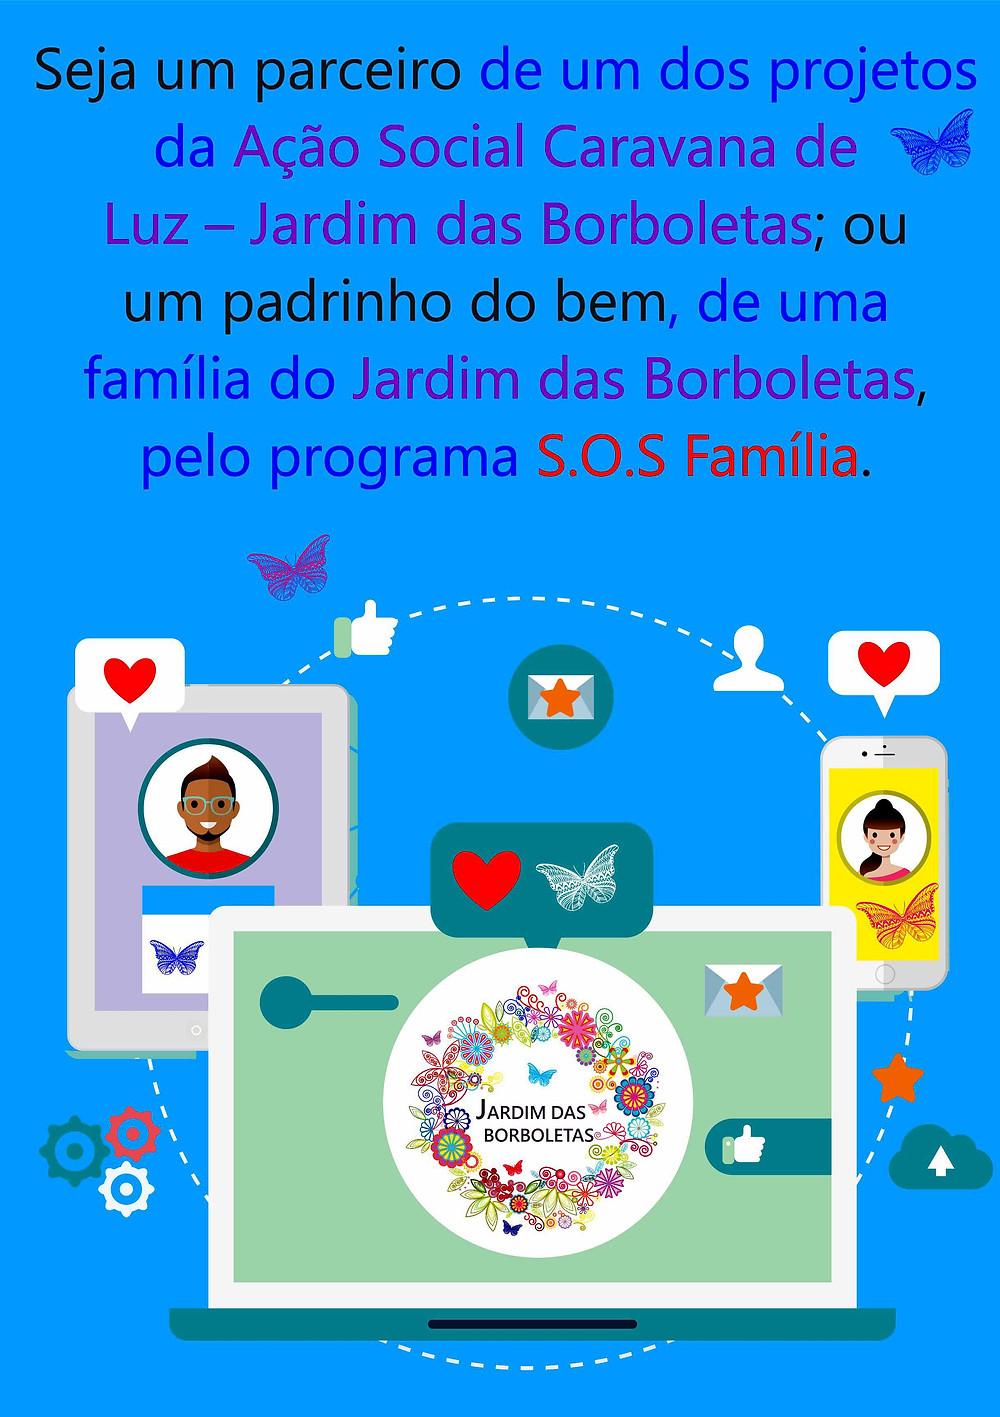 Seja um parceiro e/ou amigo do bem dos projetos da ASCL - Jardim das Borboletas.